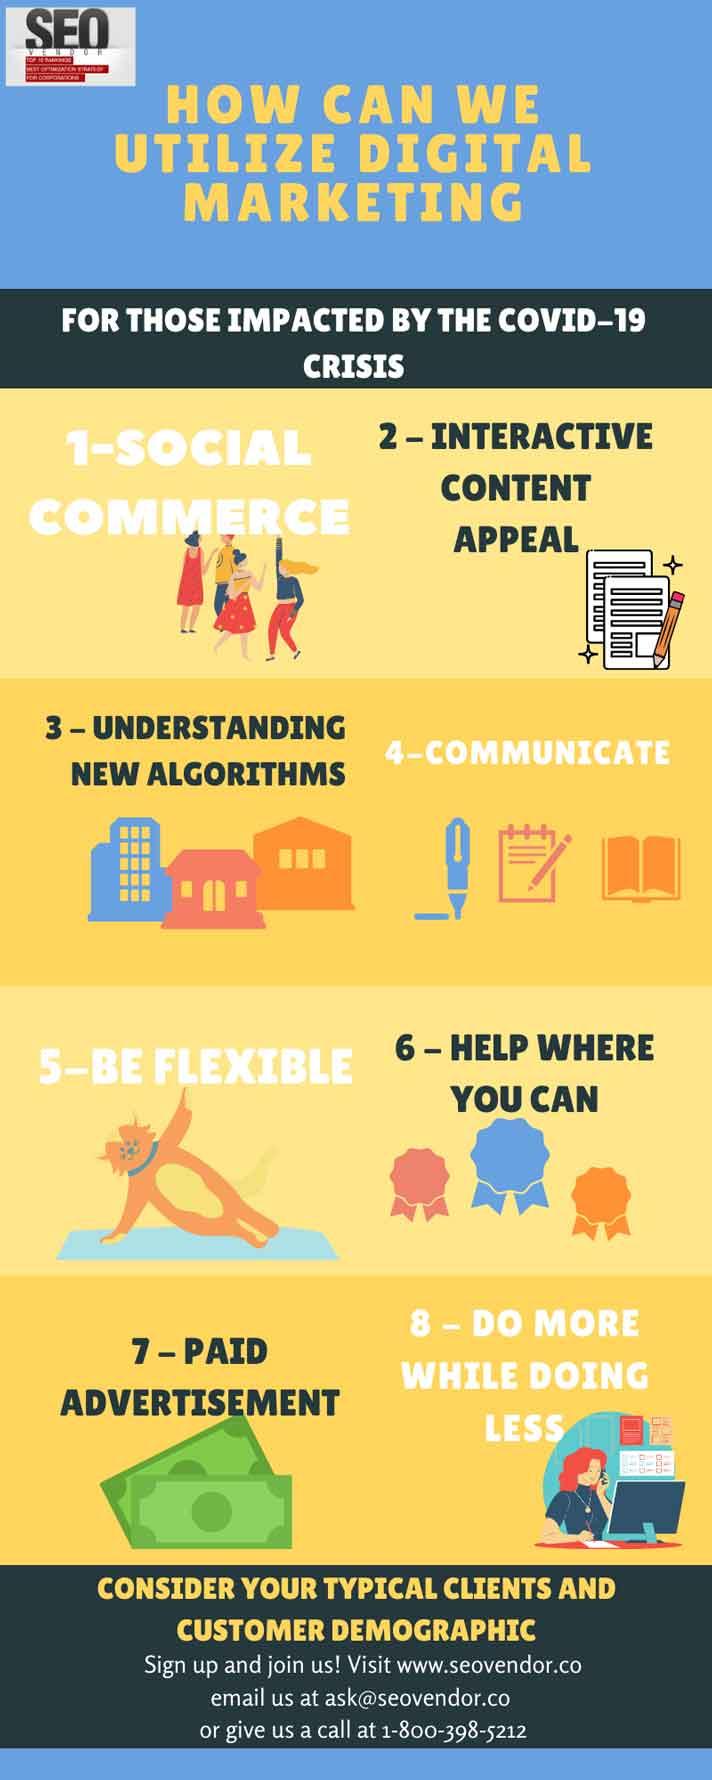 Utilize Digital Marketing for Businesses